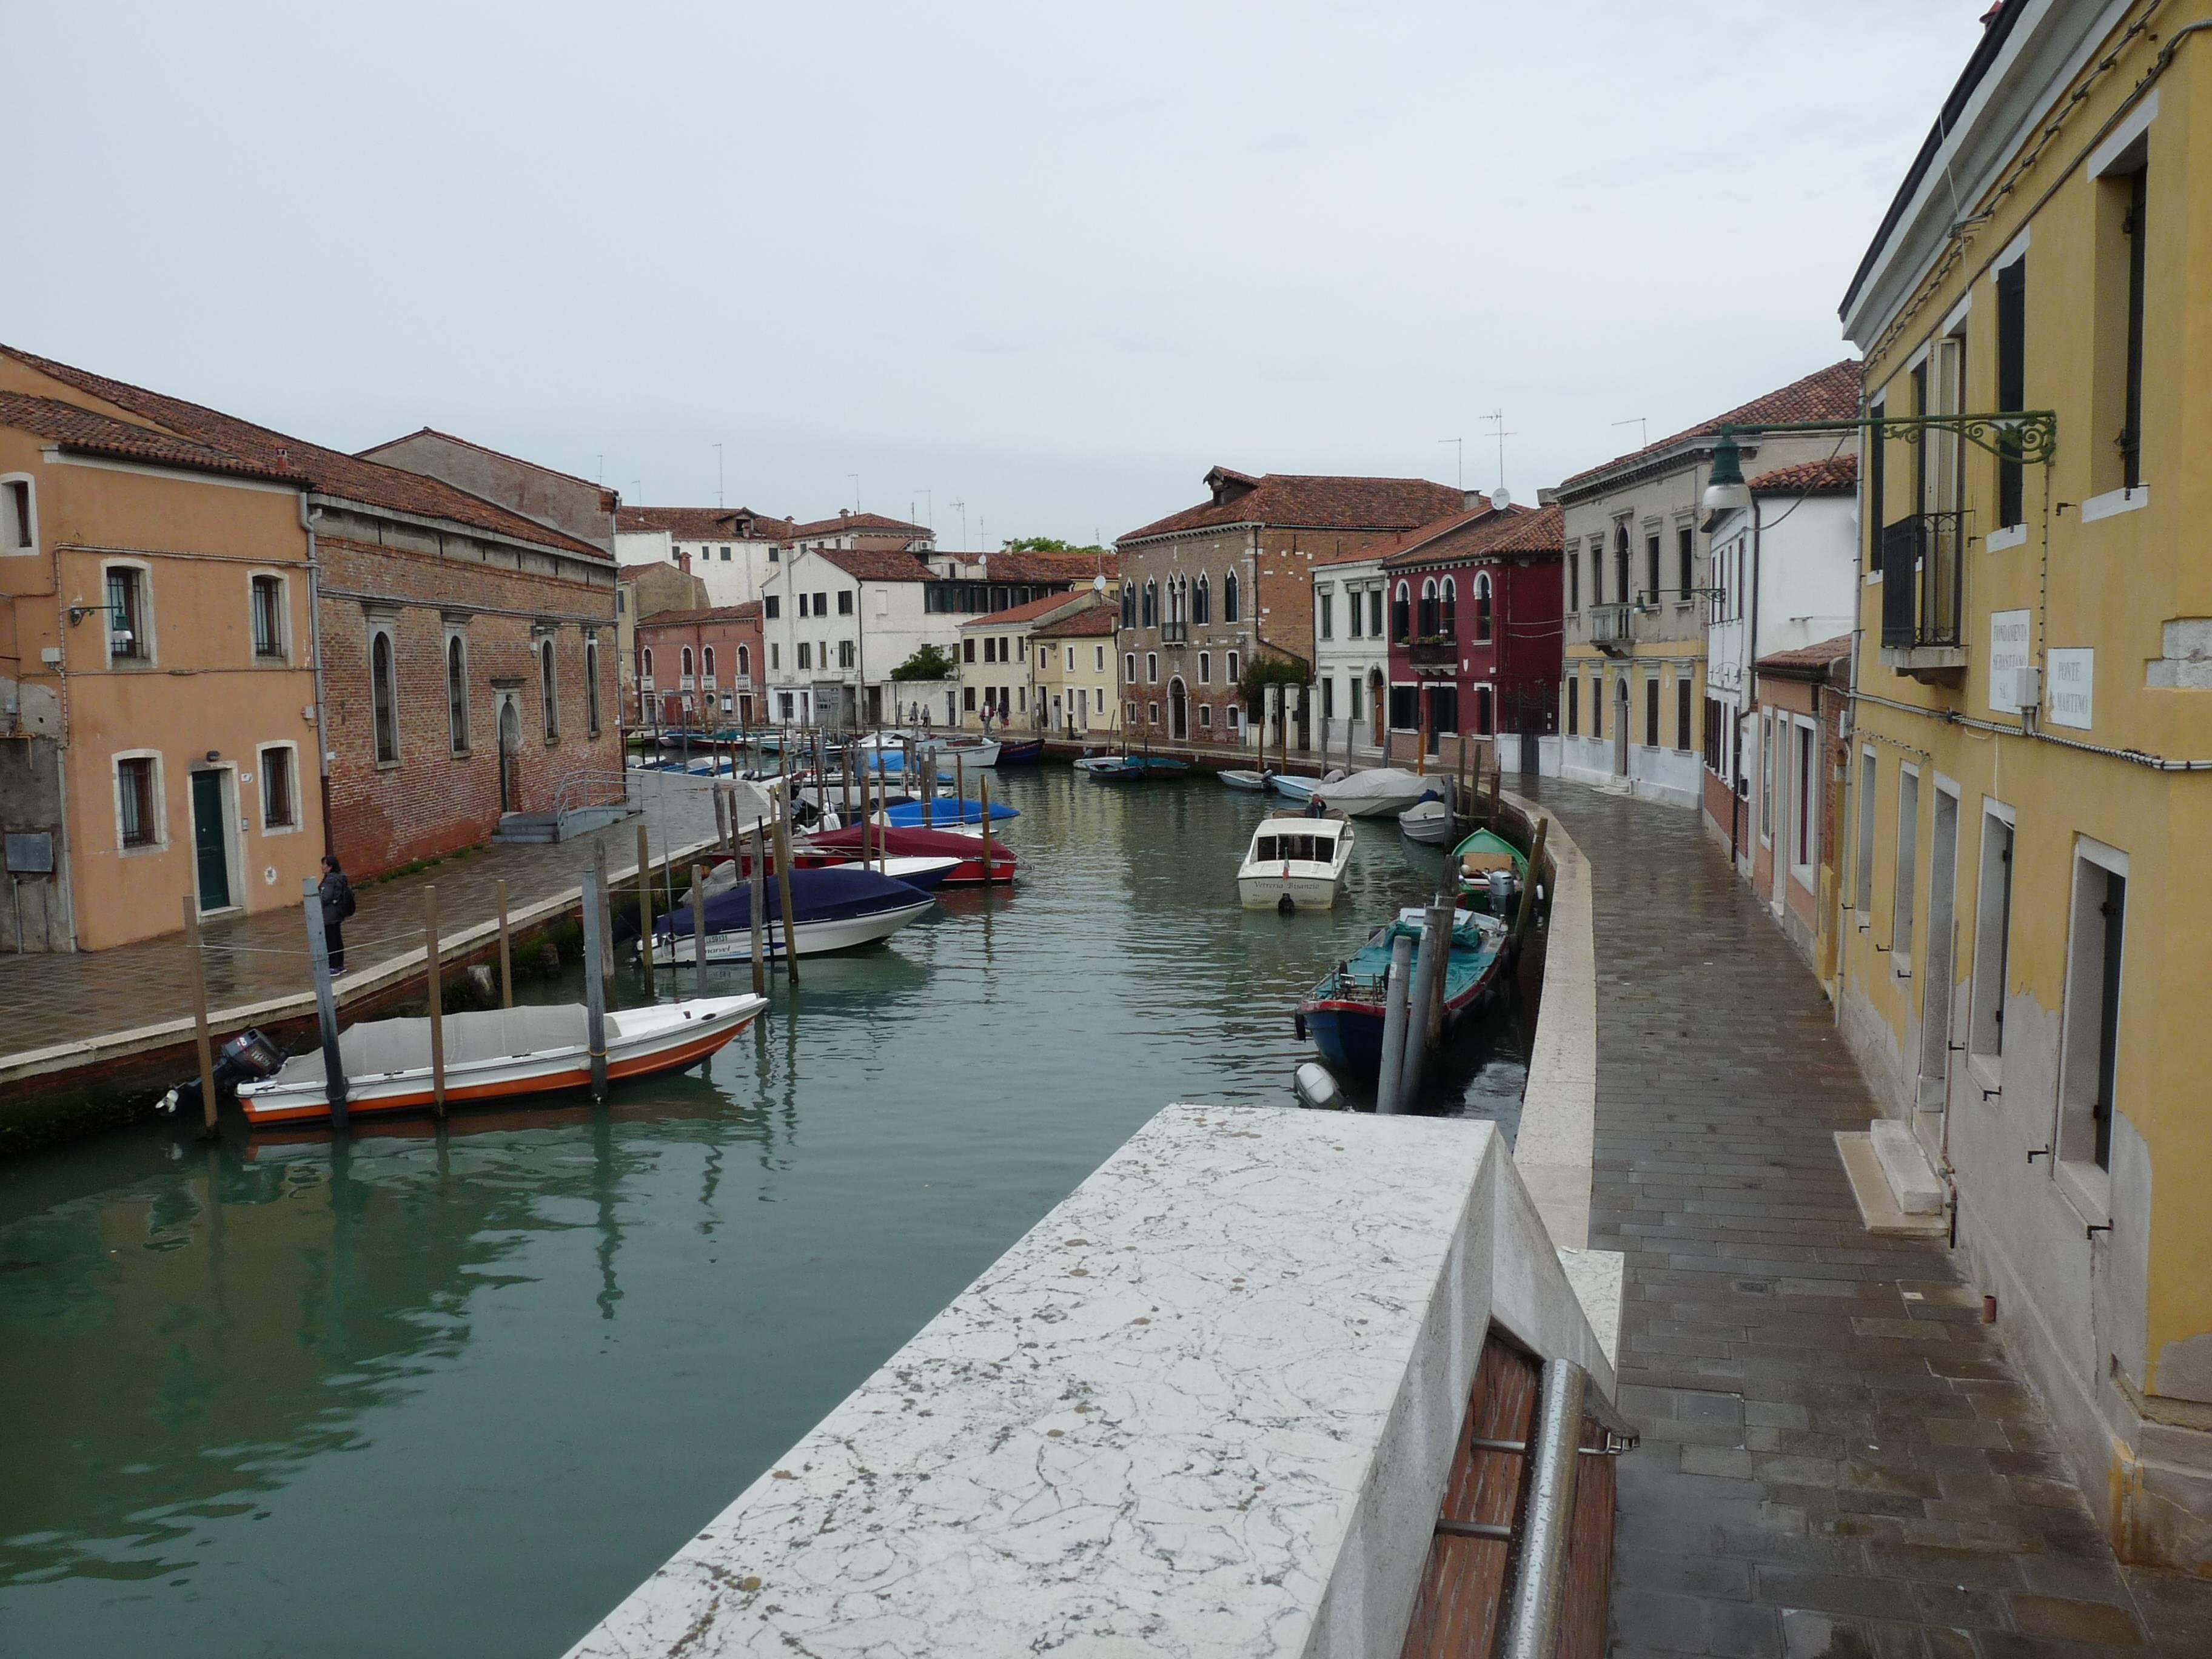 Photo 2: Ile de Murano, petite escapade sympa à 15 minutes de Venise en Bateau